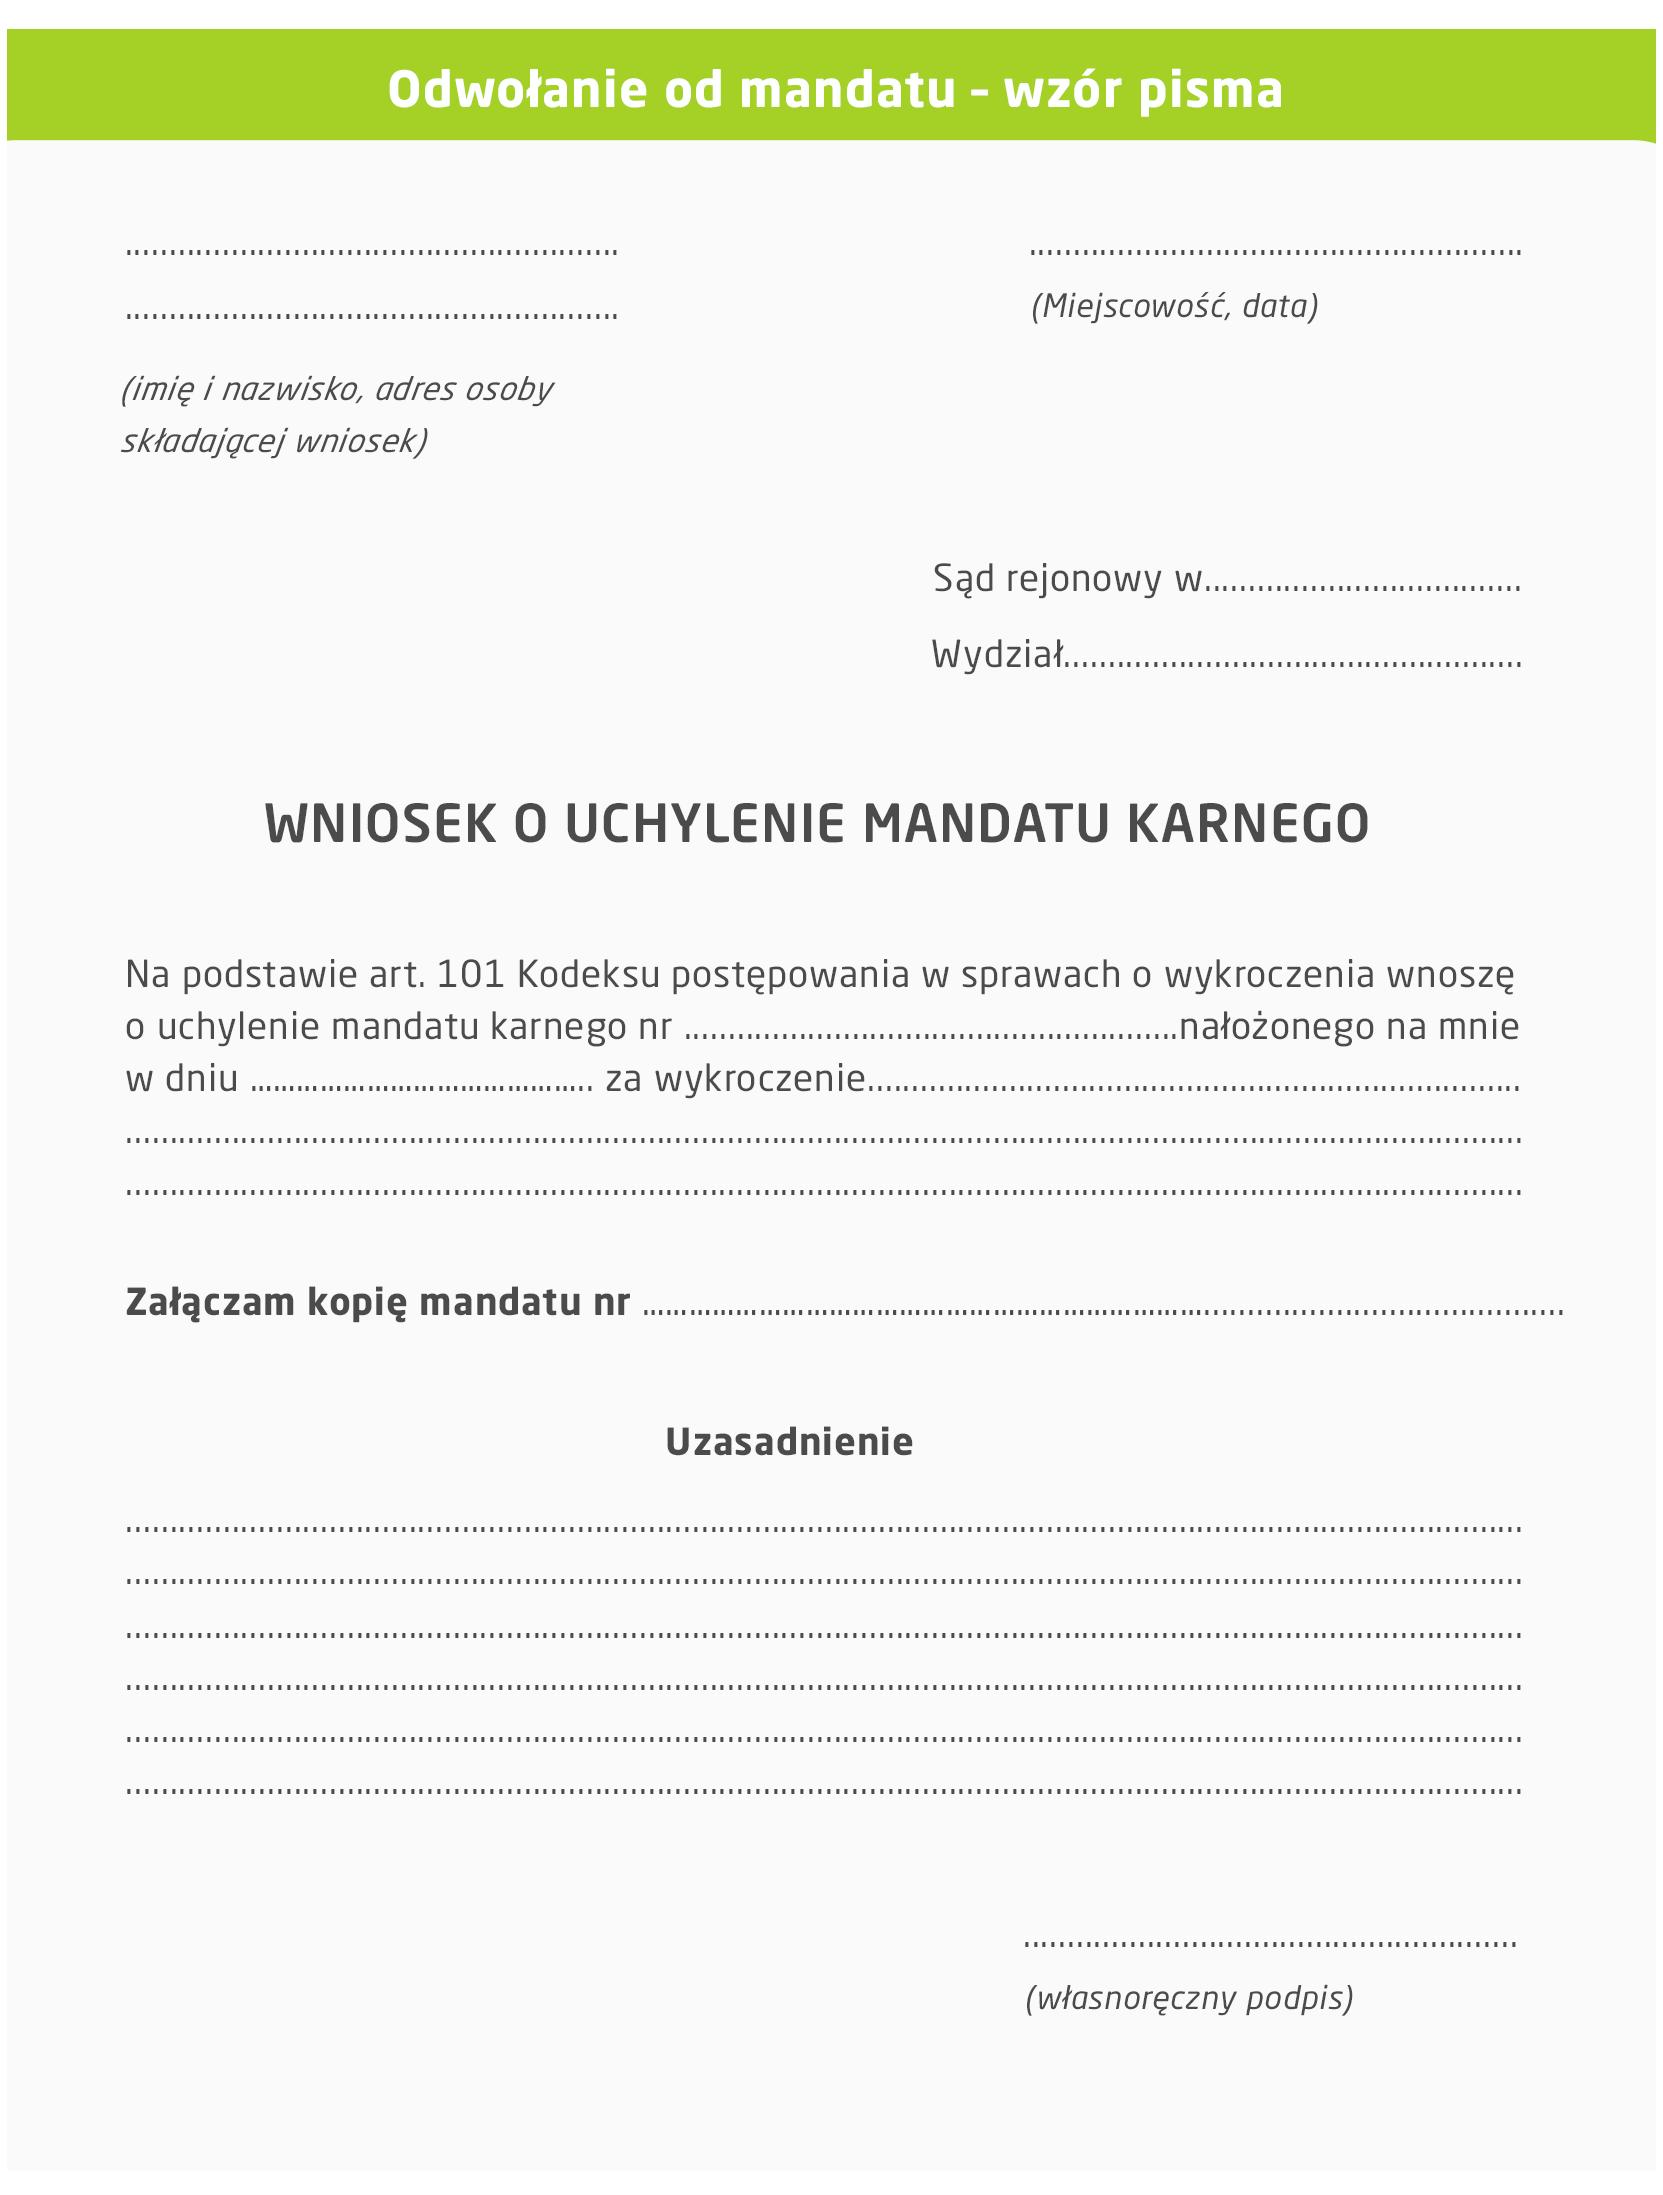 Odwołanie od mandatu - wzór pisma